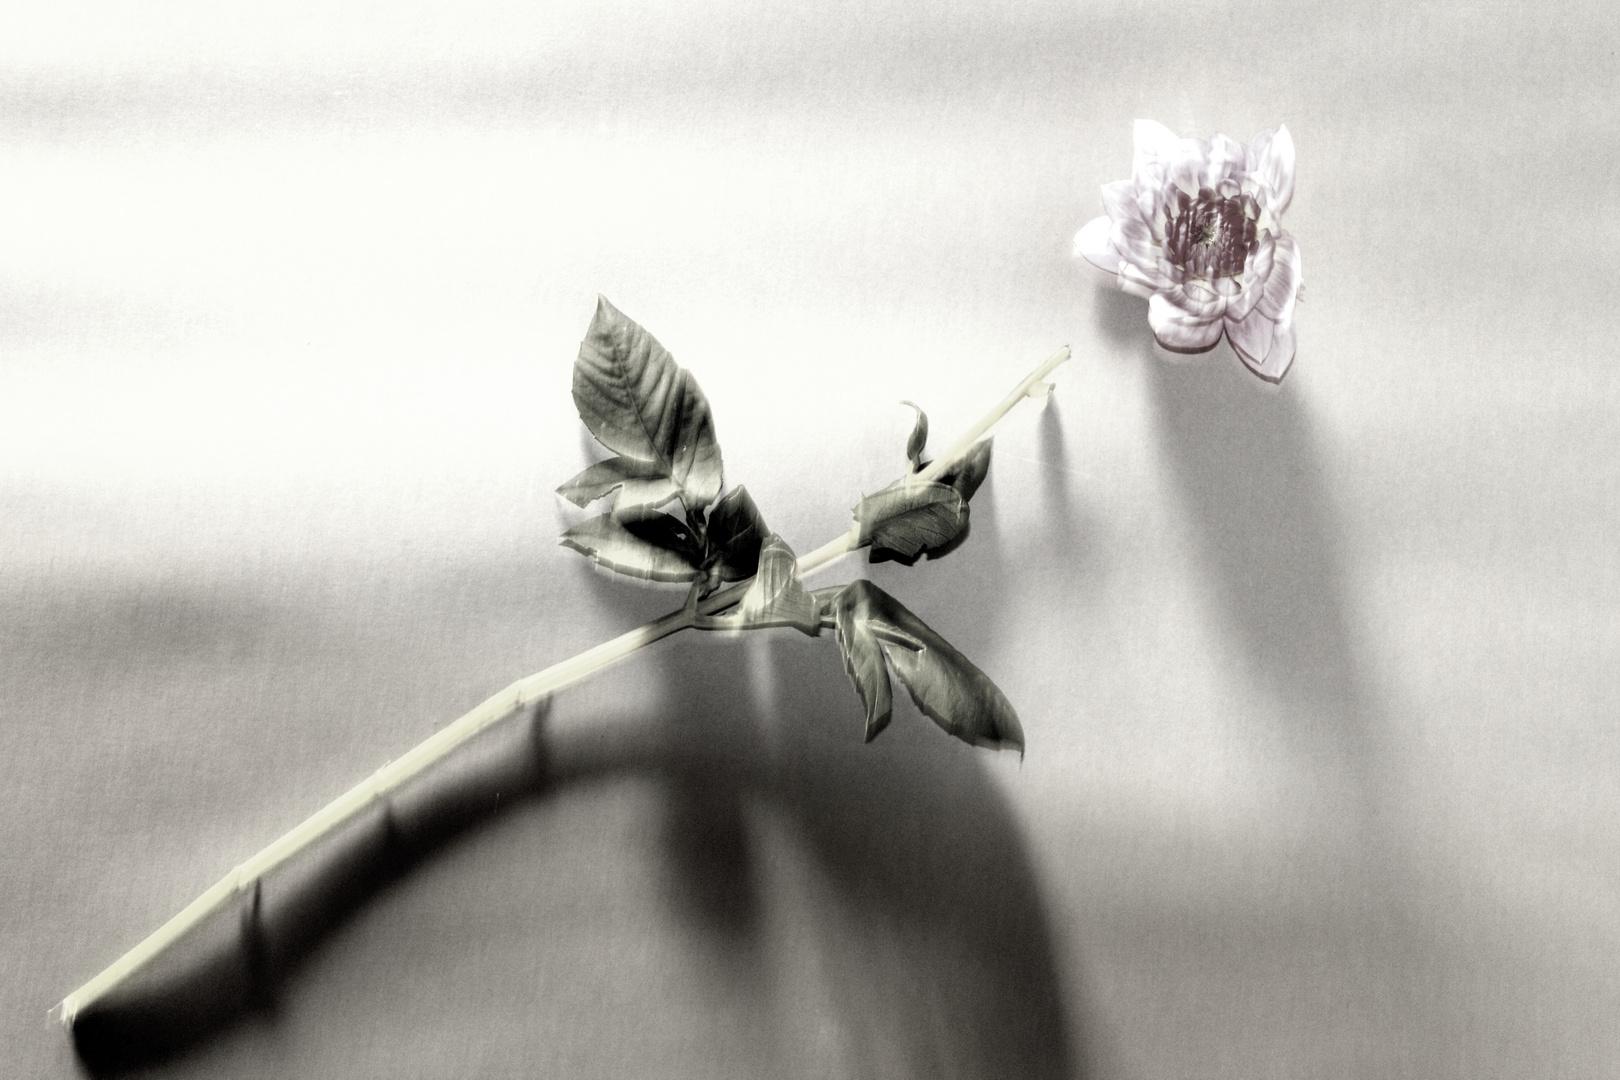 Schöne Blume, leider tod